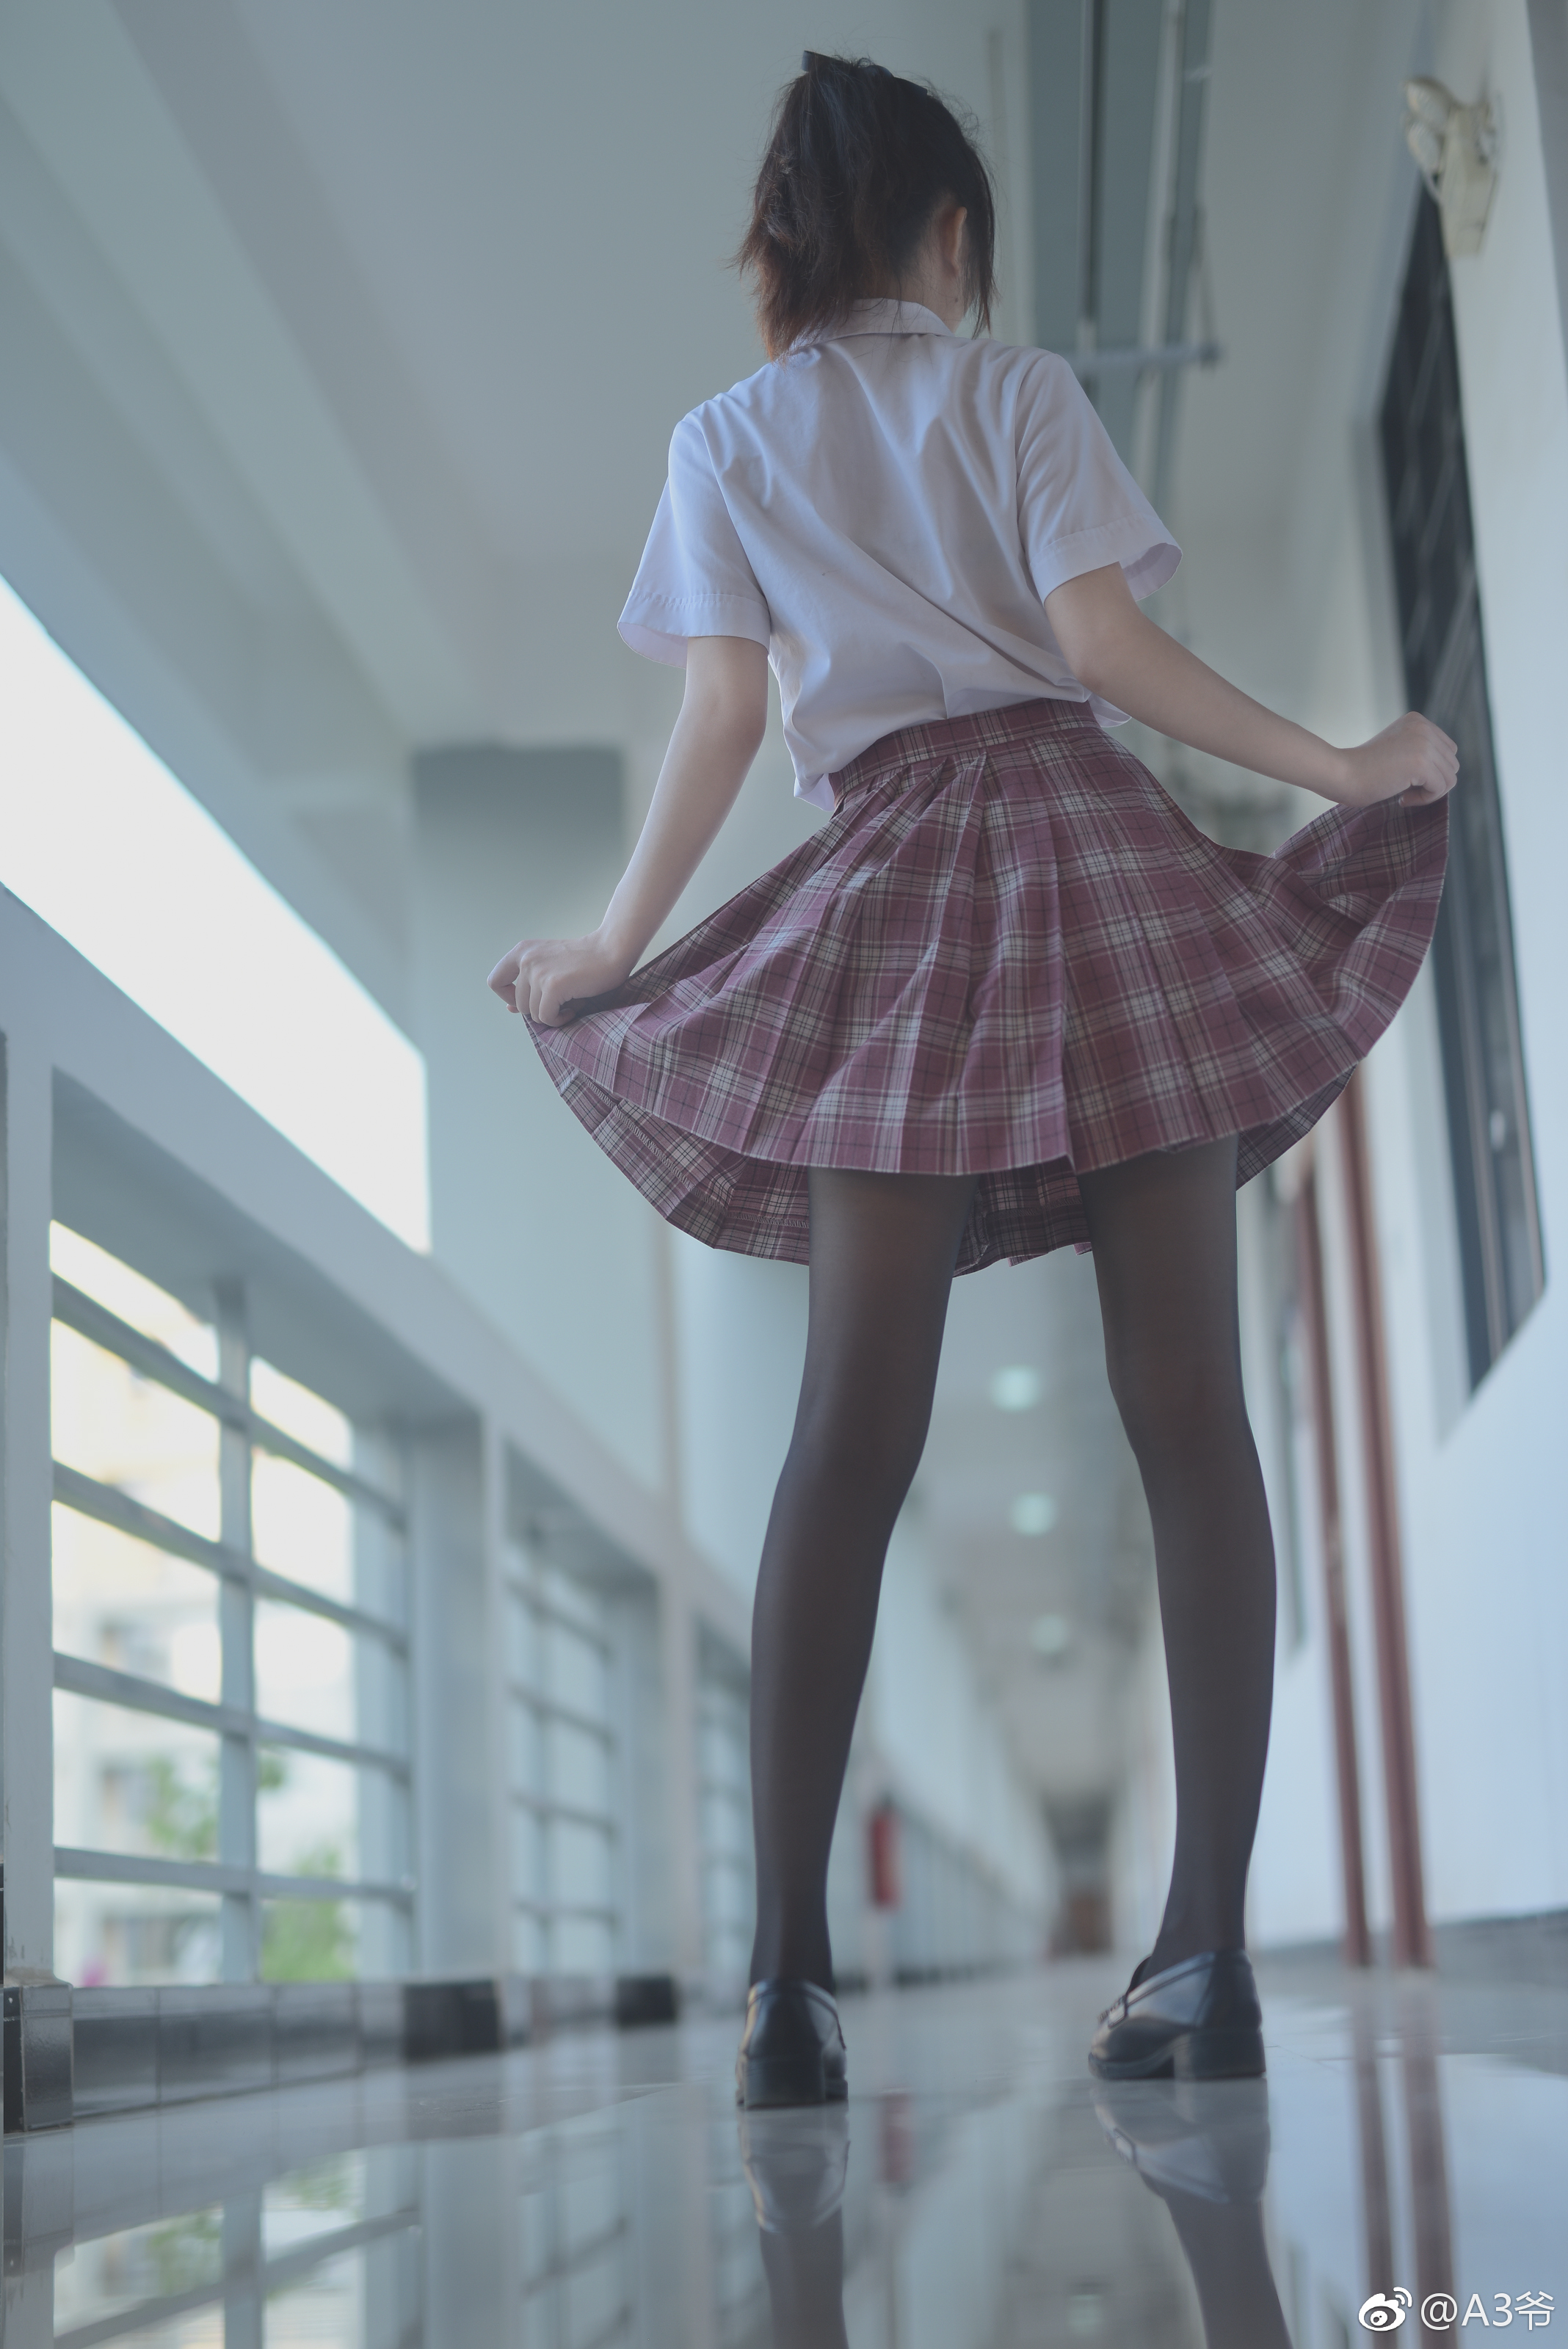 制服萌妹的私影写真,摄影师真棒 美女写真-第5张